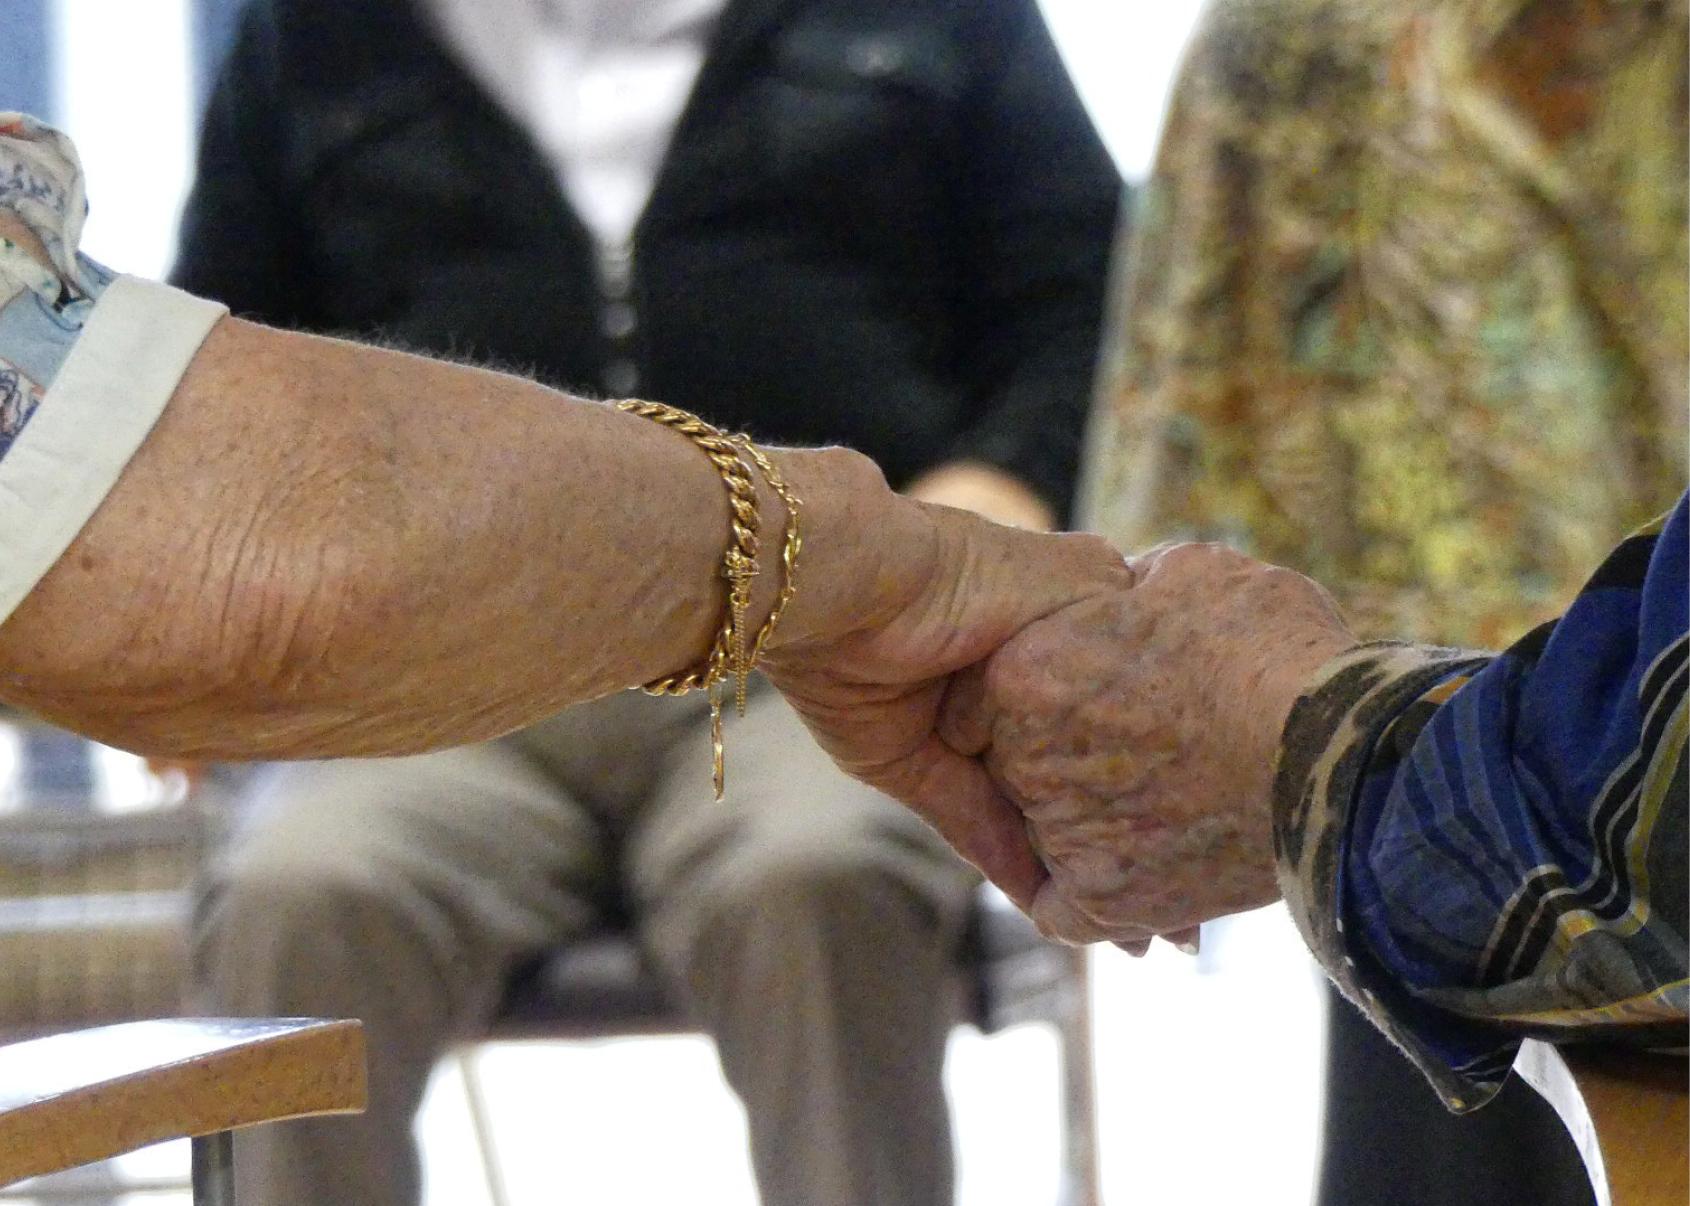 Deux personnes âgées se tenant la main. Photo prise lors d'un projet en lien avec des structures médico-sociales proposées par le Moulin du Roc, Scène nationale à Niort